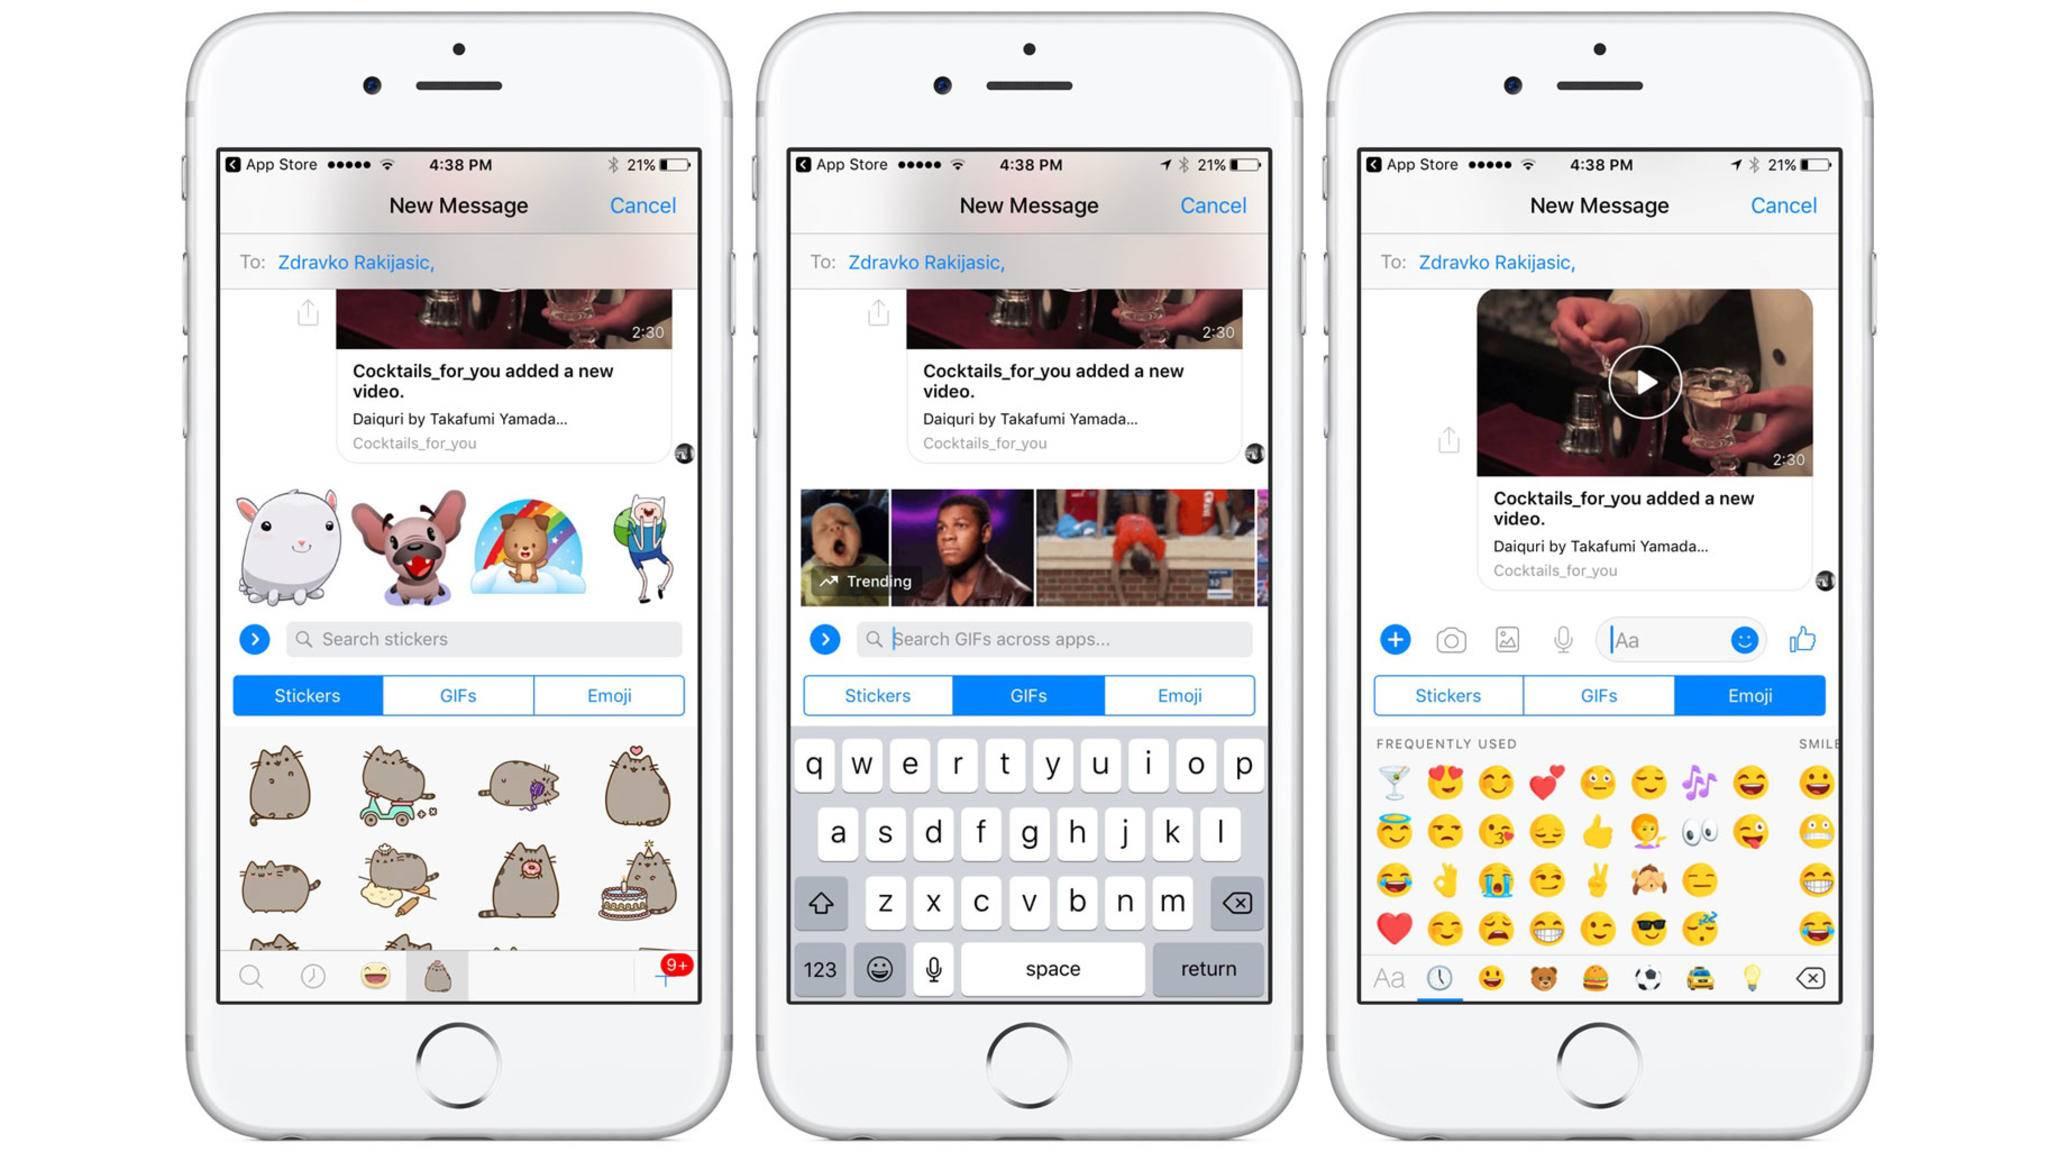 Den Facebook Messenger gibt es jetzt im iMessage-Look – aber nur testweise.